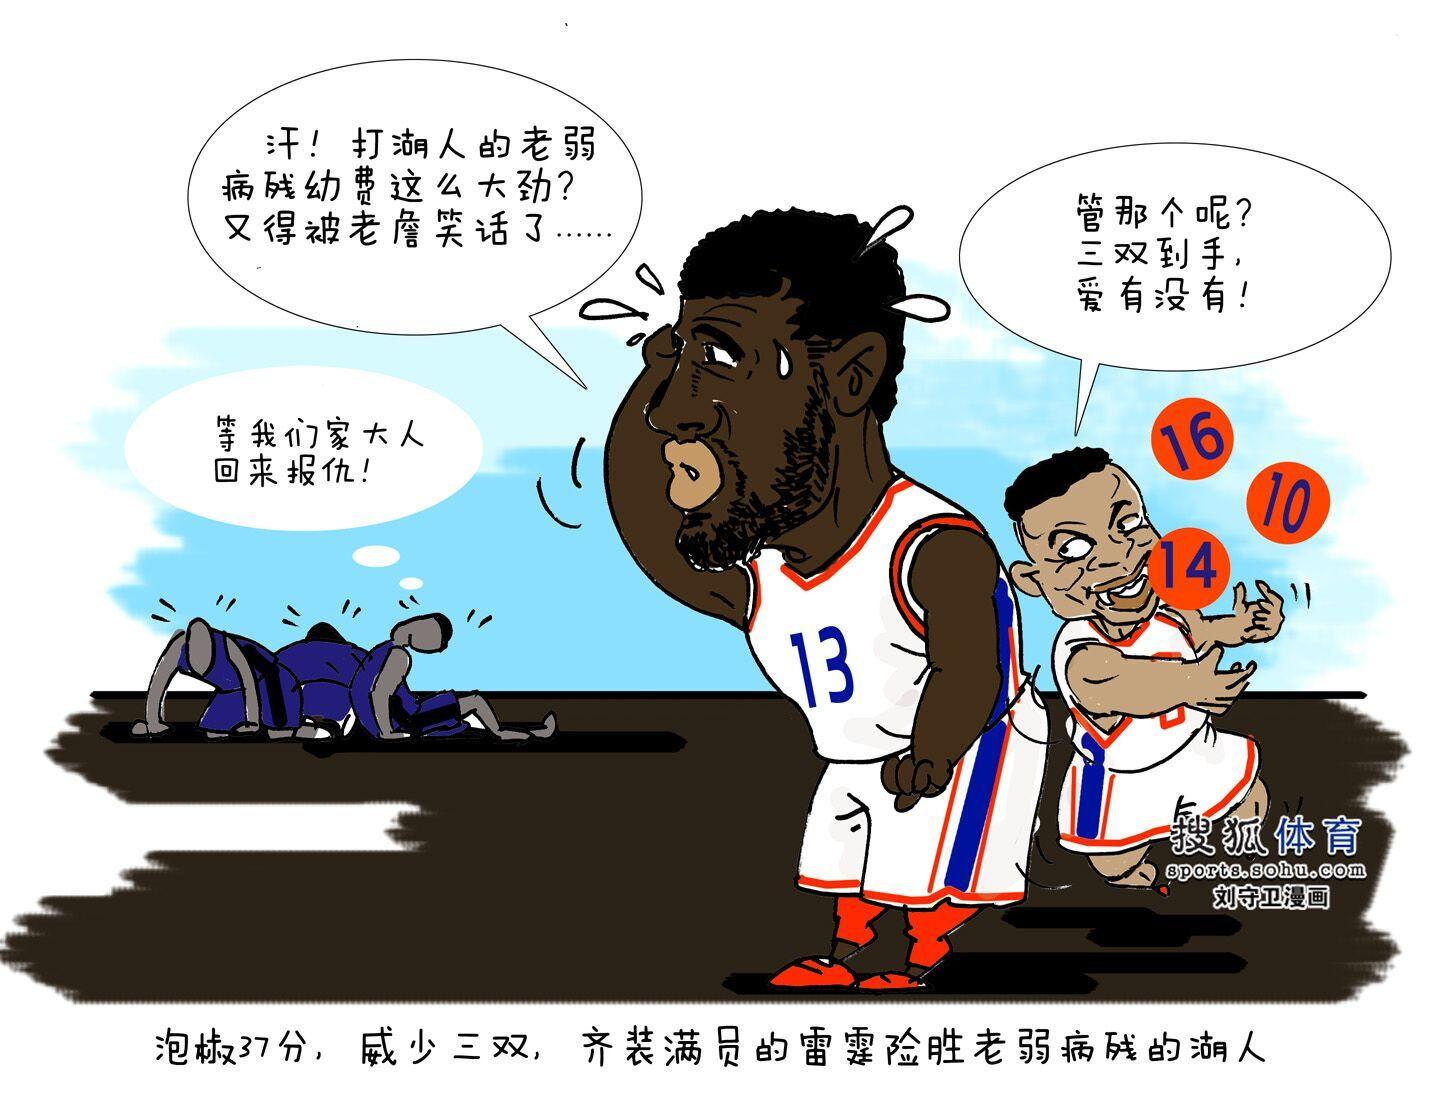 [狐]NBA漫画:NBA1819赛季-雷霆险胜老弱病残的湖人